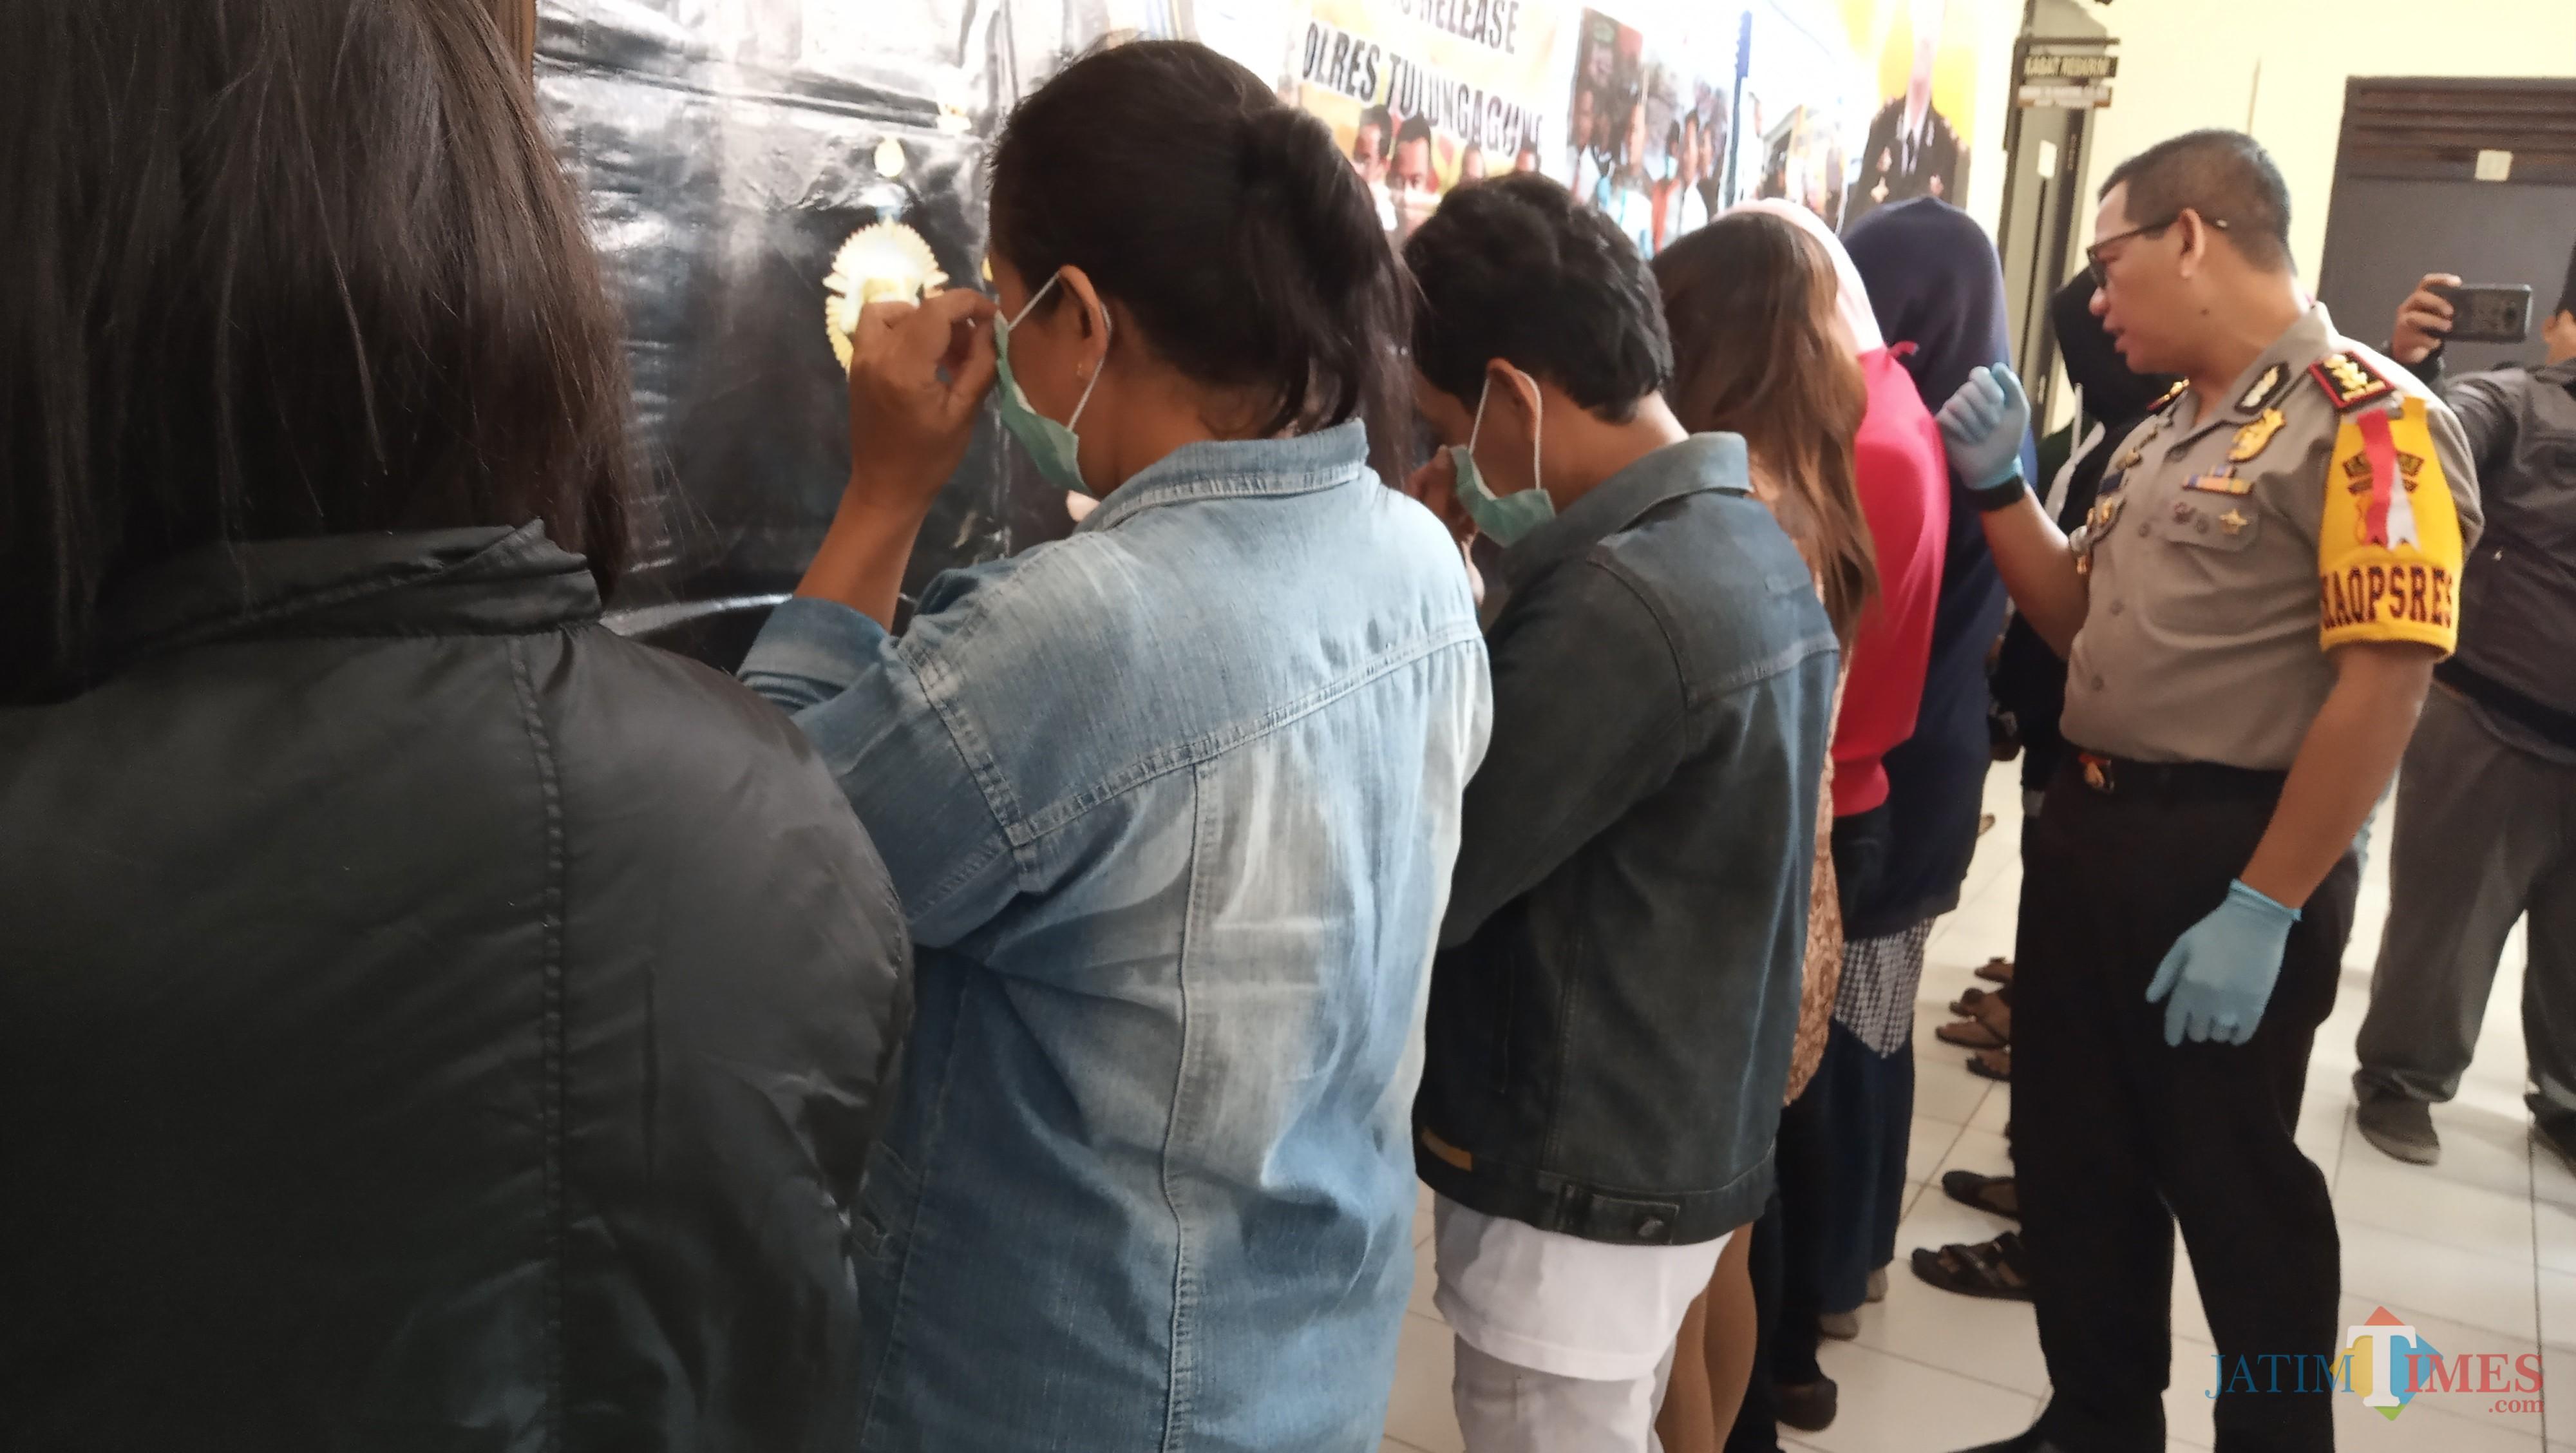 Kapolres Tulungagung, AKBP Tofik Sukendar saat menasehati pasangan yang terjaring razia (foto :  joko pramono/jatimtimes)